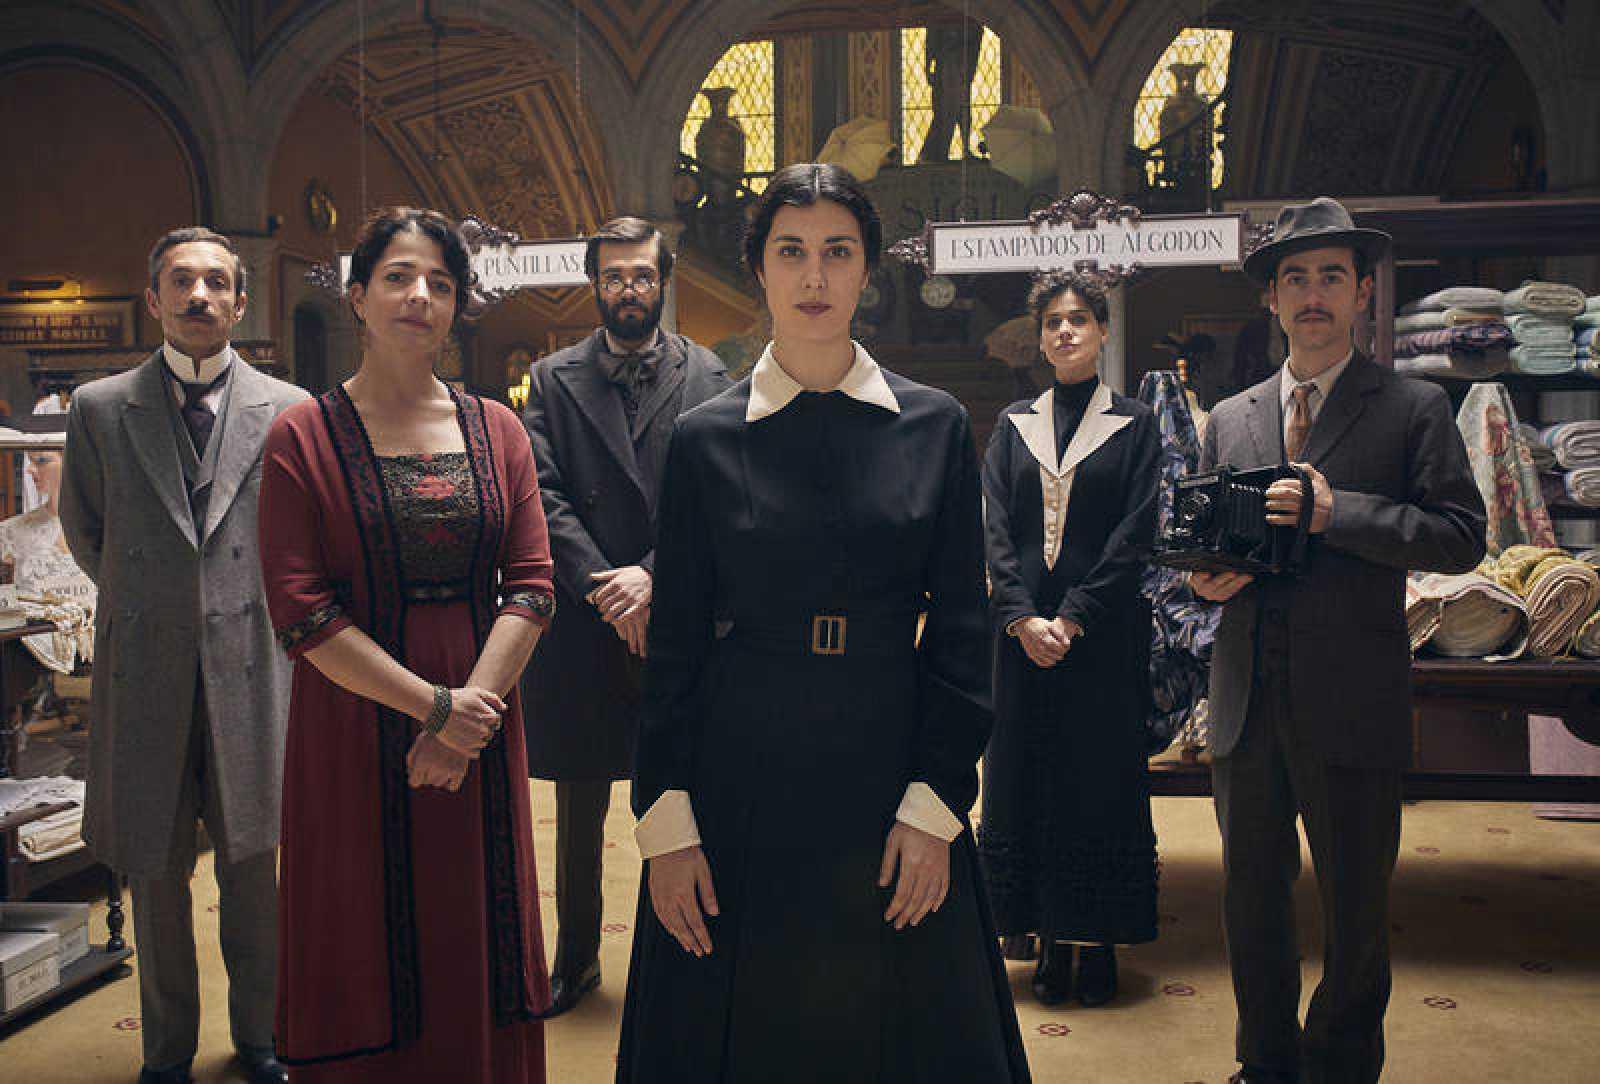 'La mujer del Siglo' está protagonizada por Elena Martín, Nora Navas, Àlex Monner y Bruna Cusí, entre otros, y dirigida por Sílvia Quer